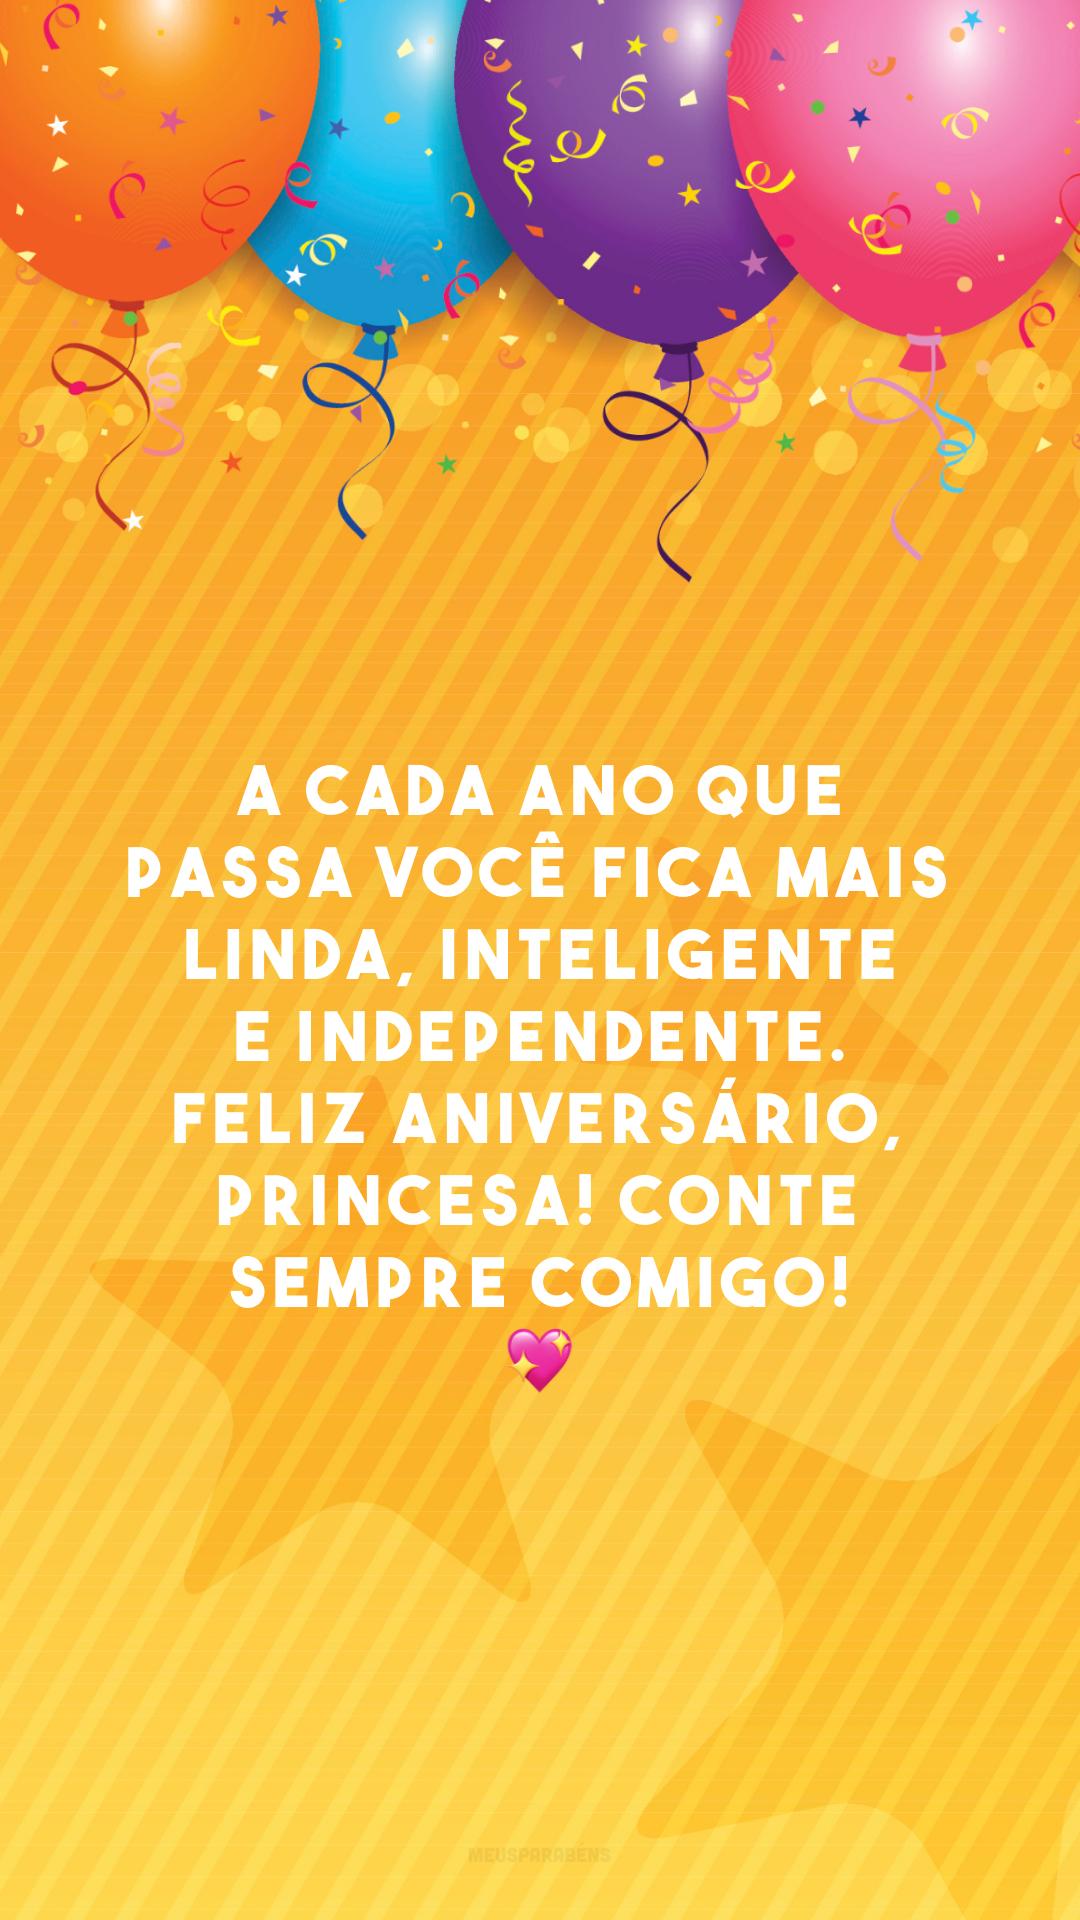 A cada ano que passa você fica mais linda, inteligente e independente. Feliz aniversário, princesa! Conte sempre comigo! 💖